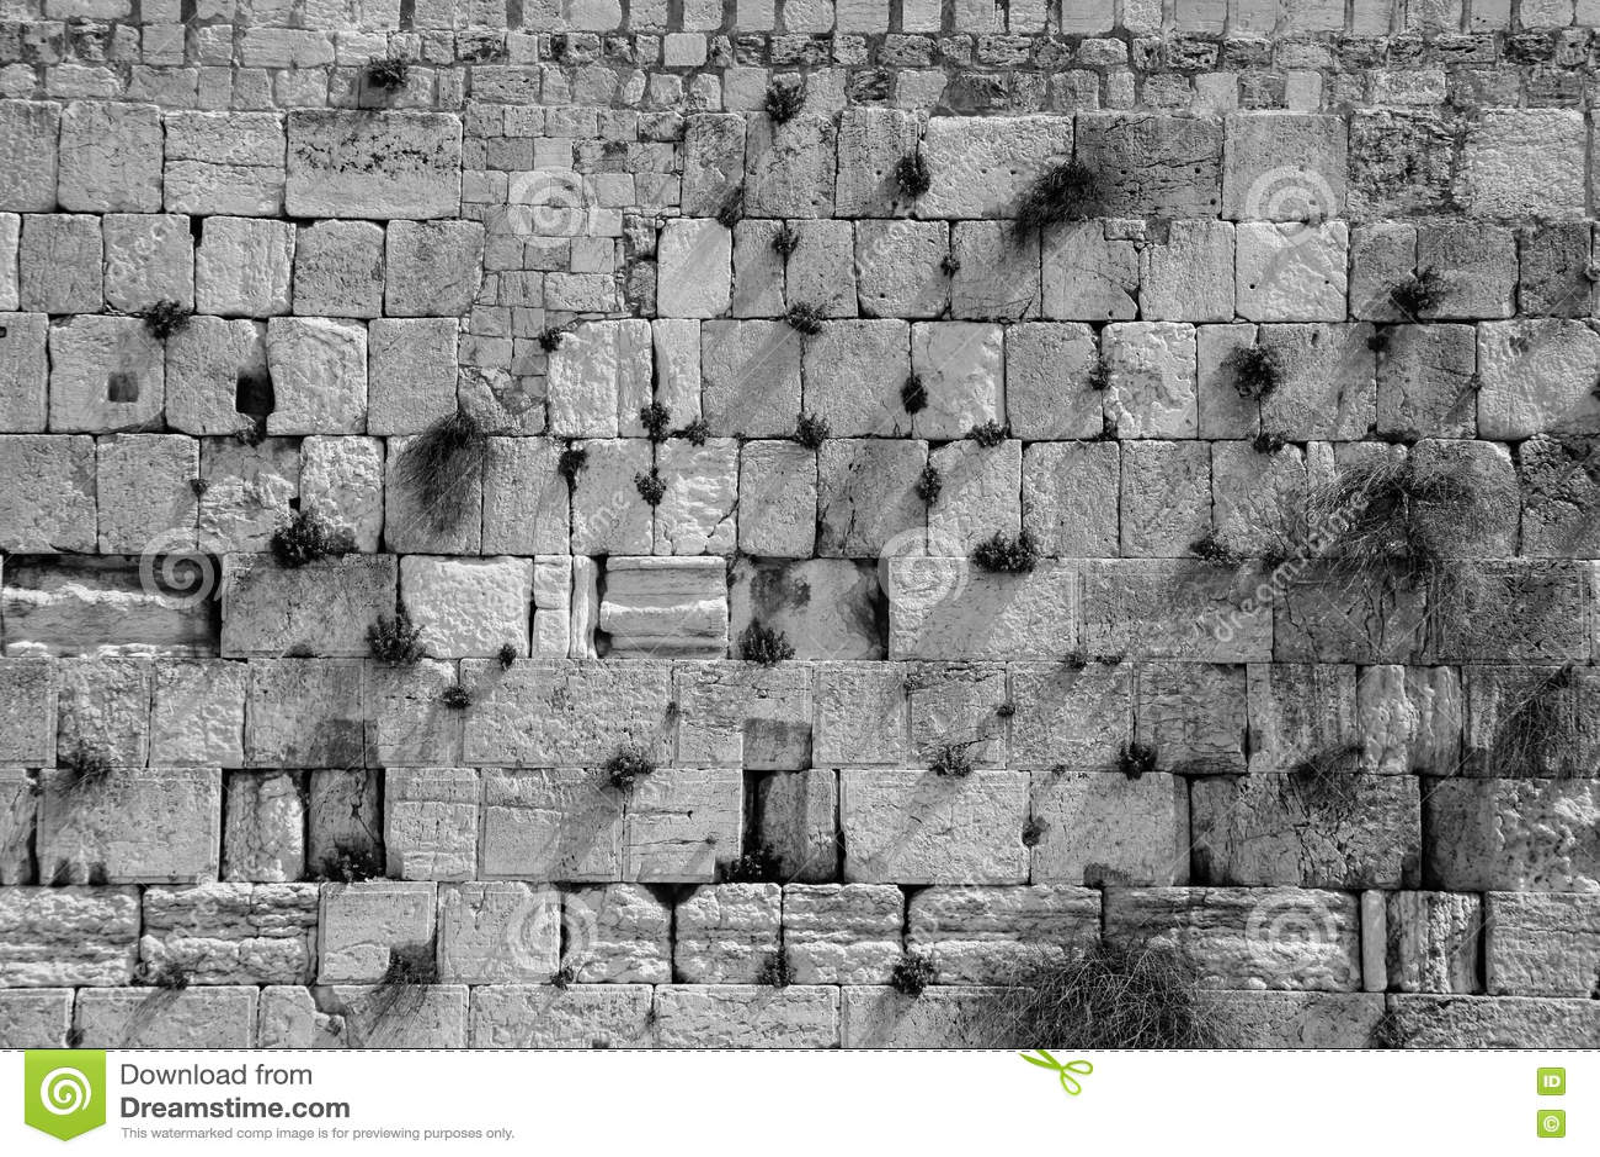 Pareti Con Foto In Bianco E Nero : La parete lamentantesi in bianco e nero immagine stock immagine